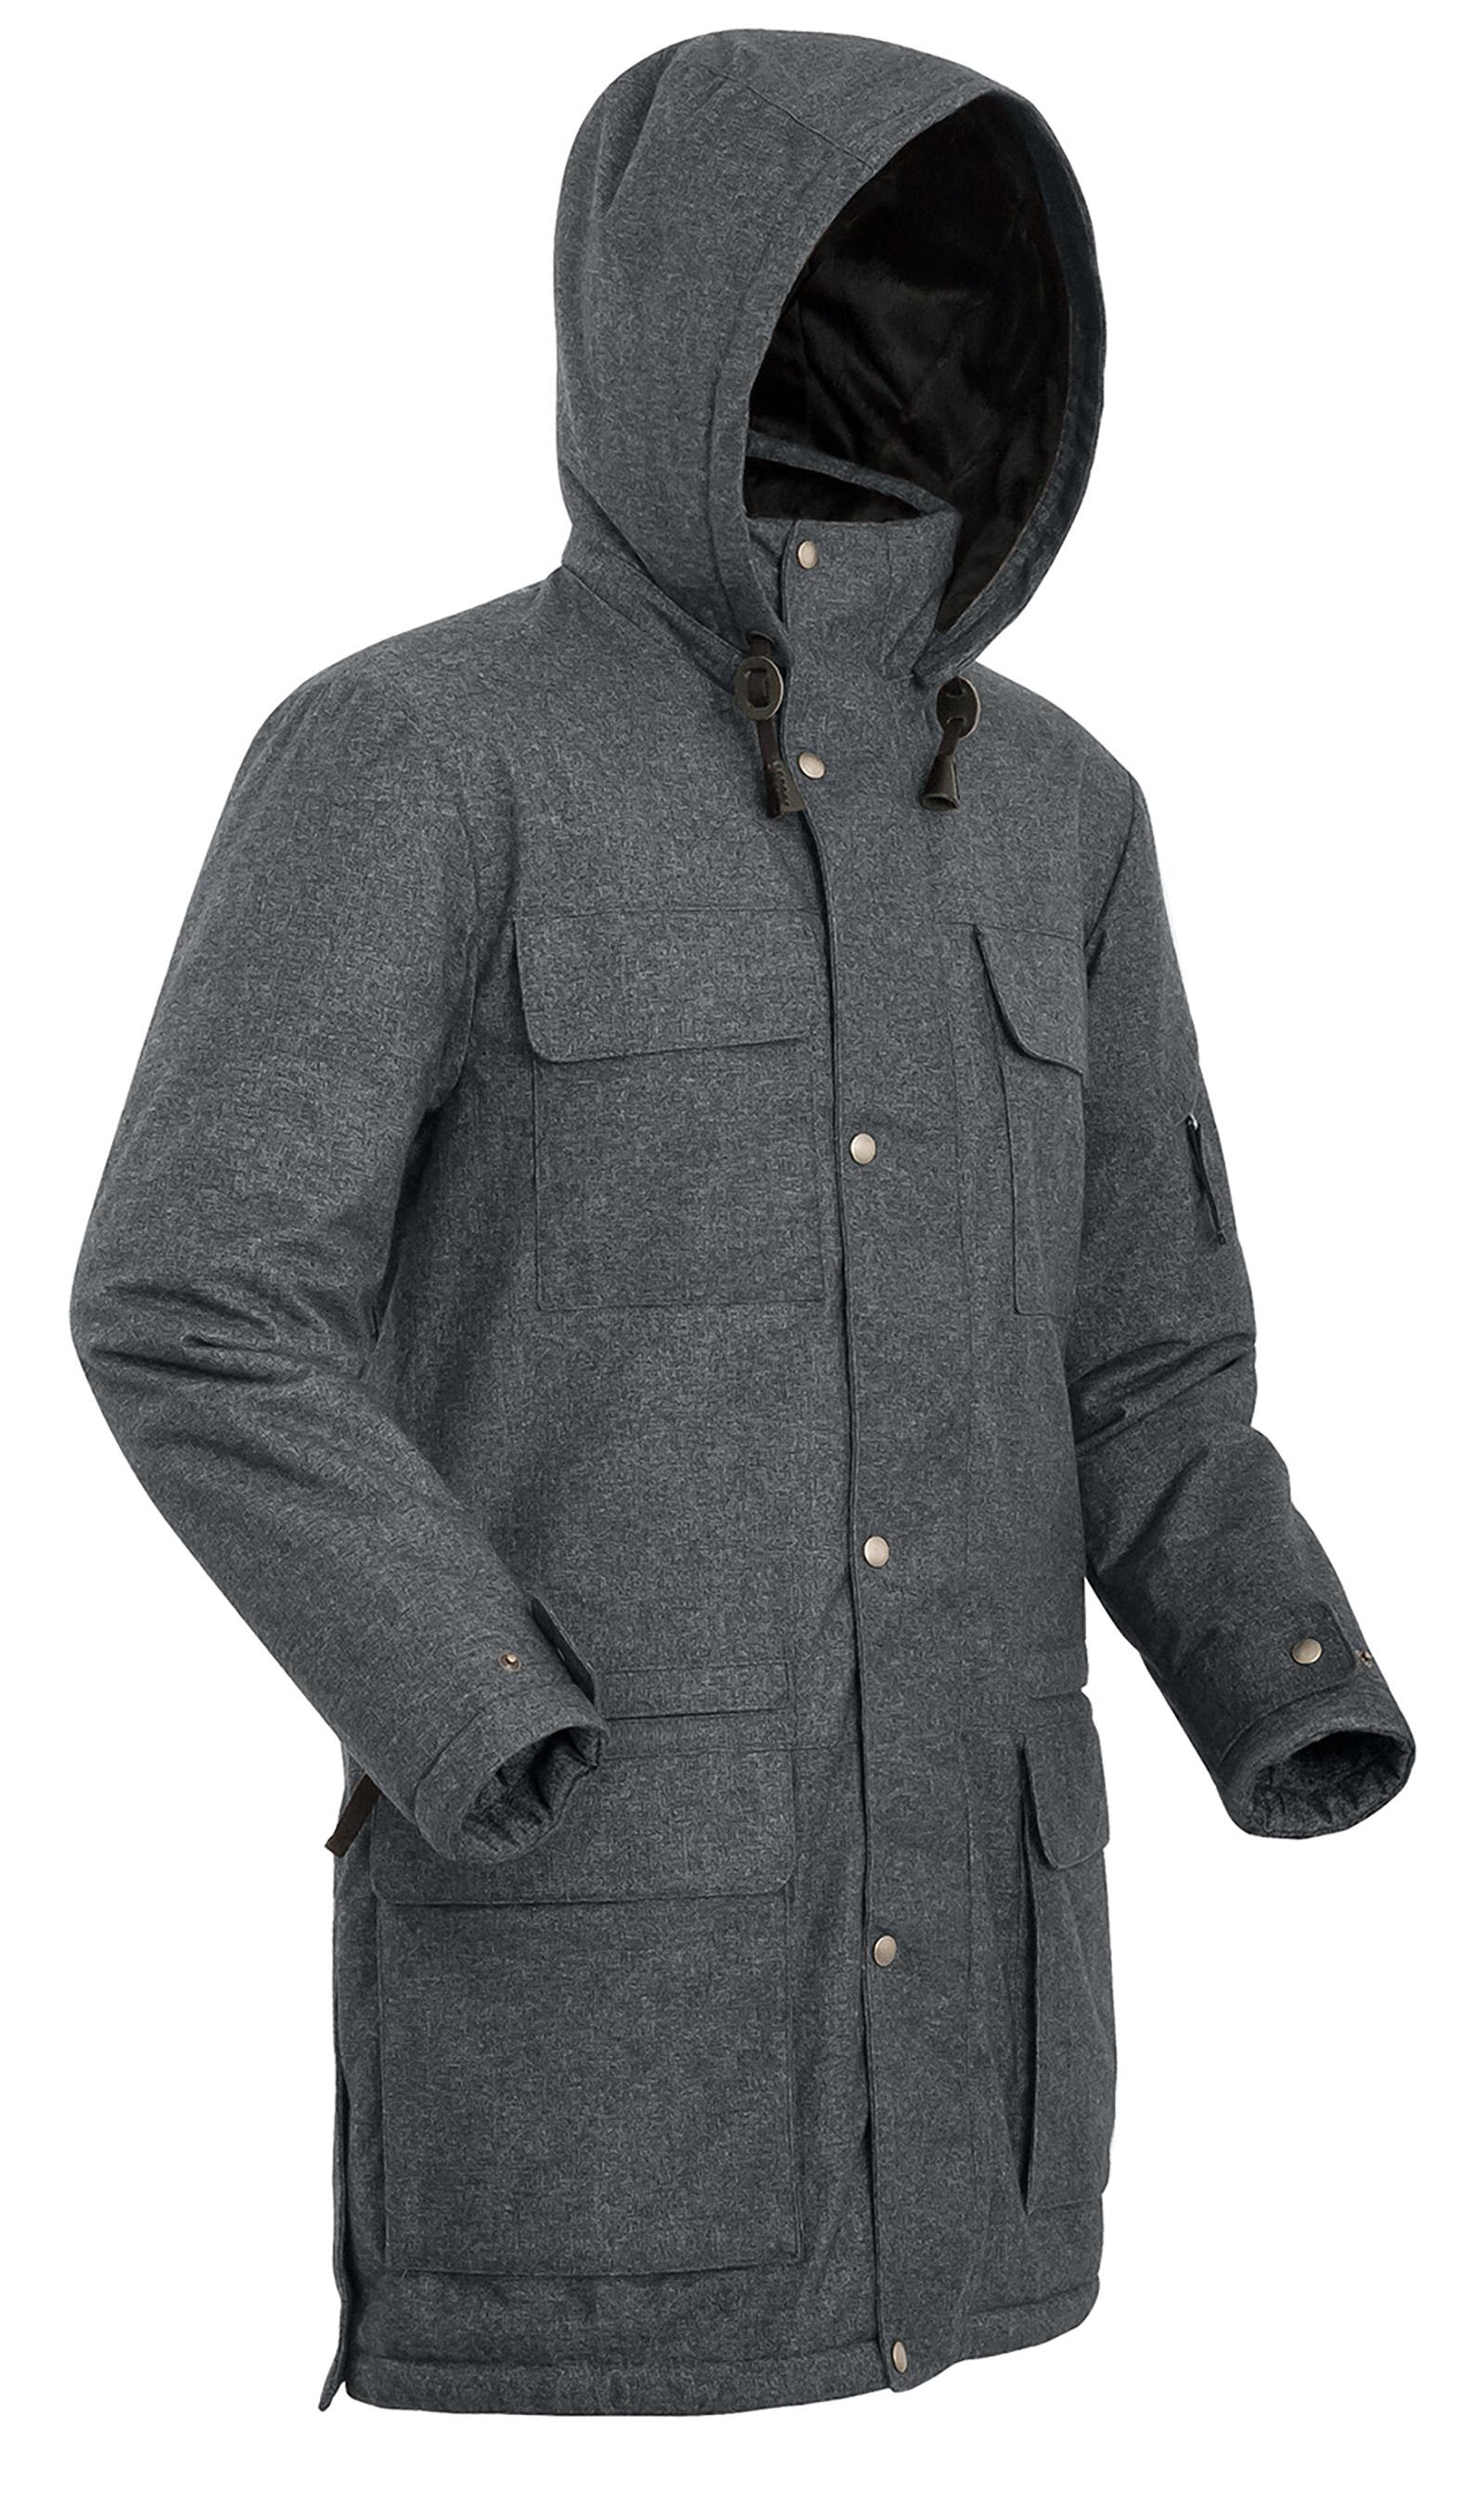 Купить Мужское пальто BASK FORESTER серый тмн, Компания БАСК